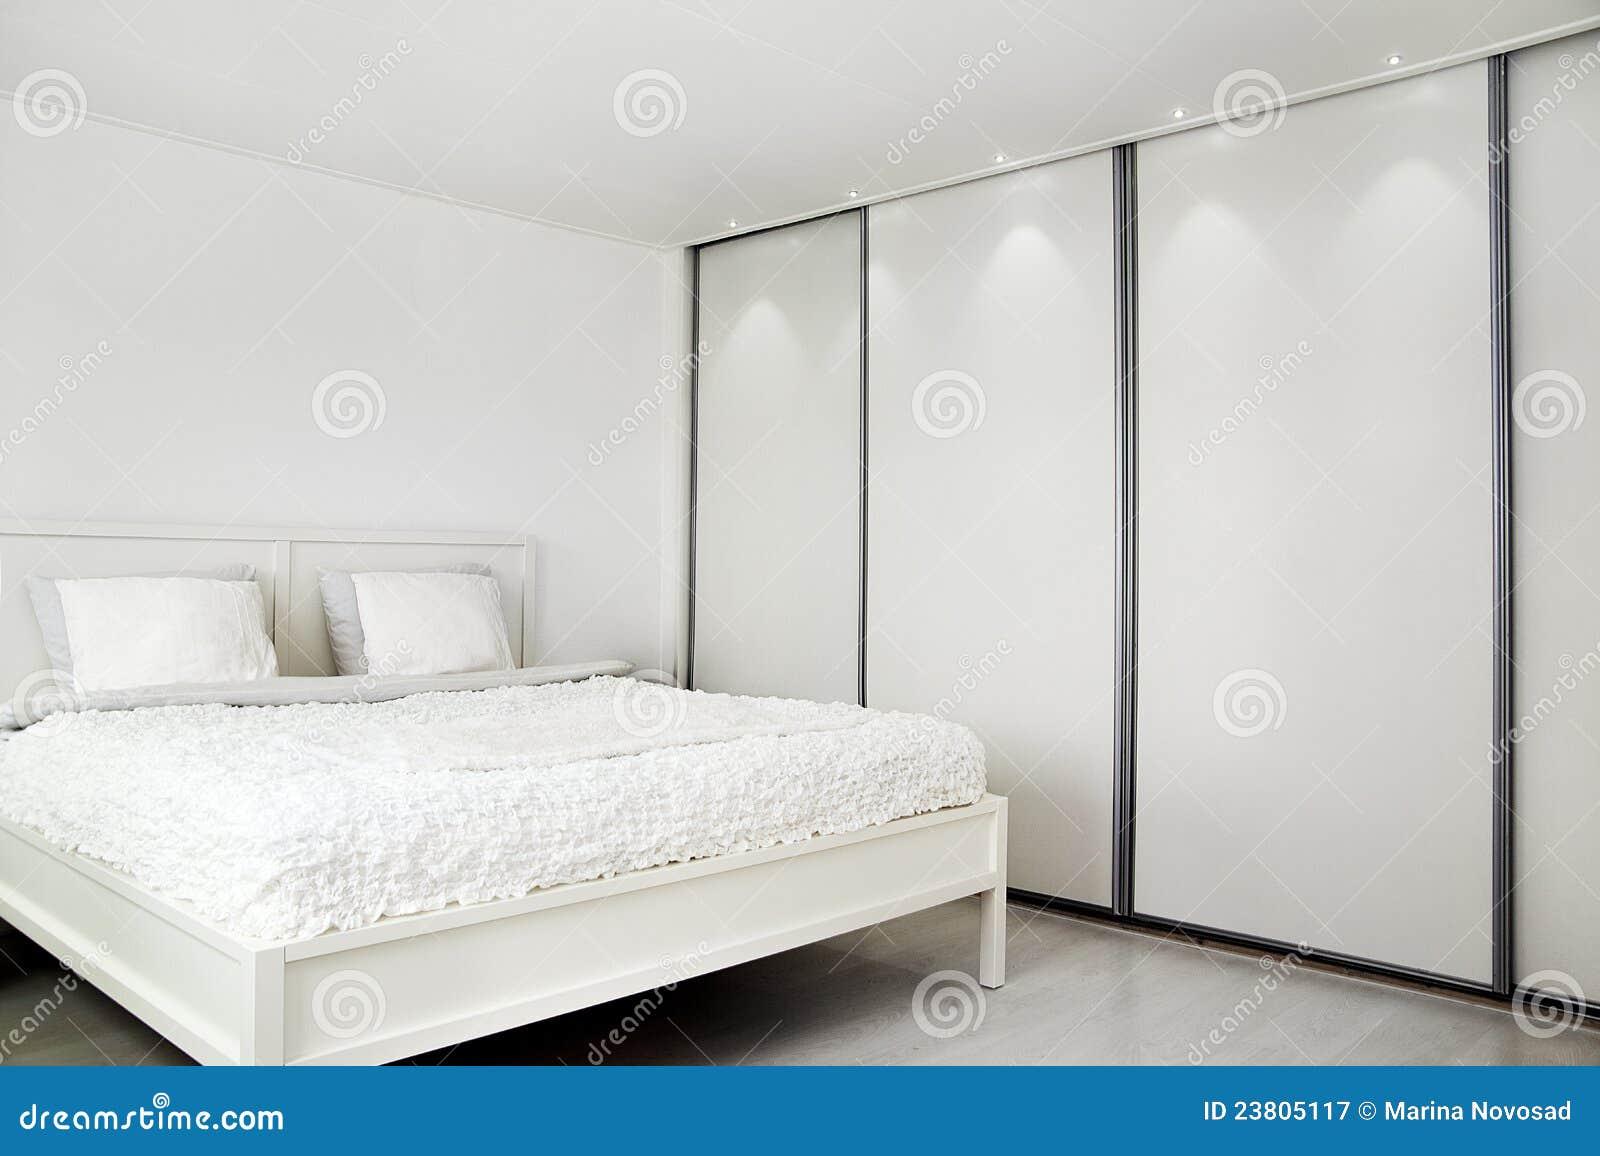 schlafzimmer bett und ein wandschrank lizenzfreie